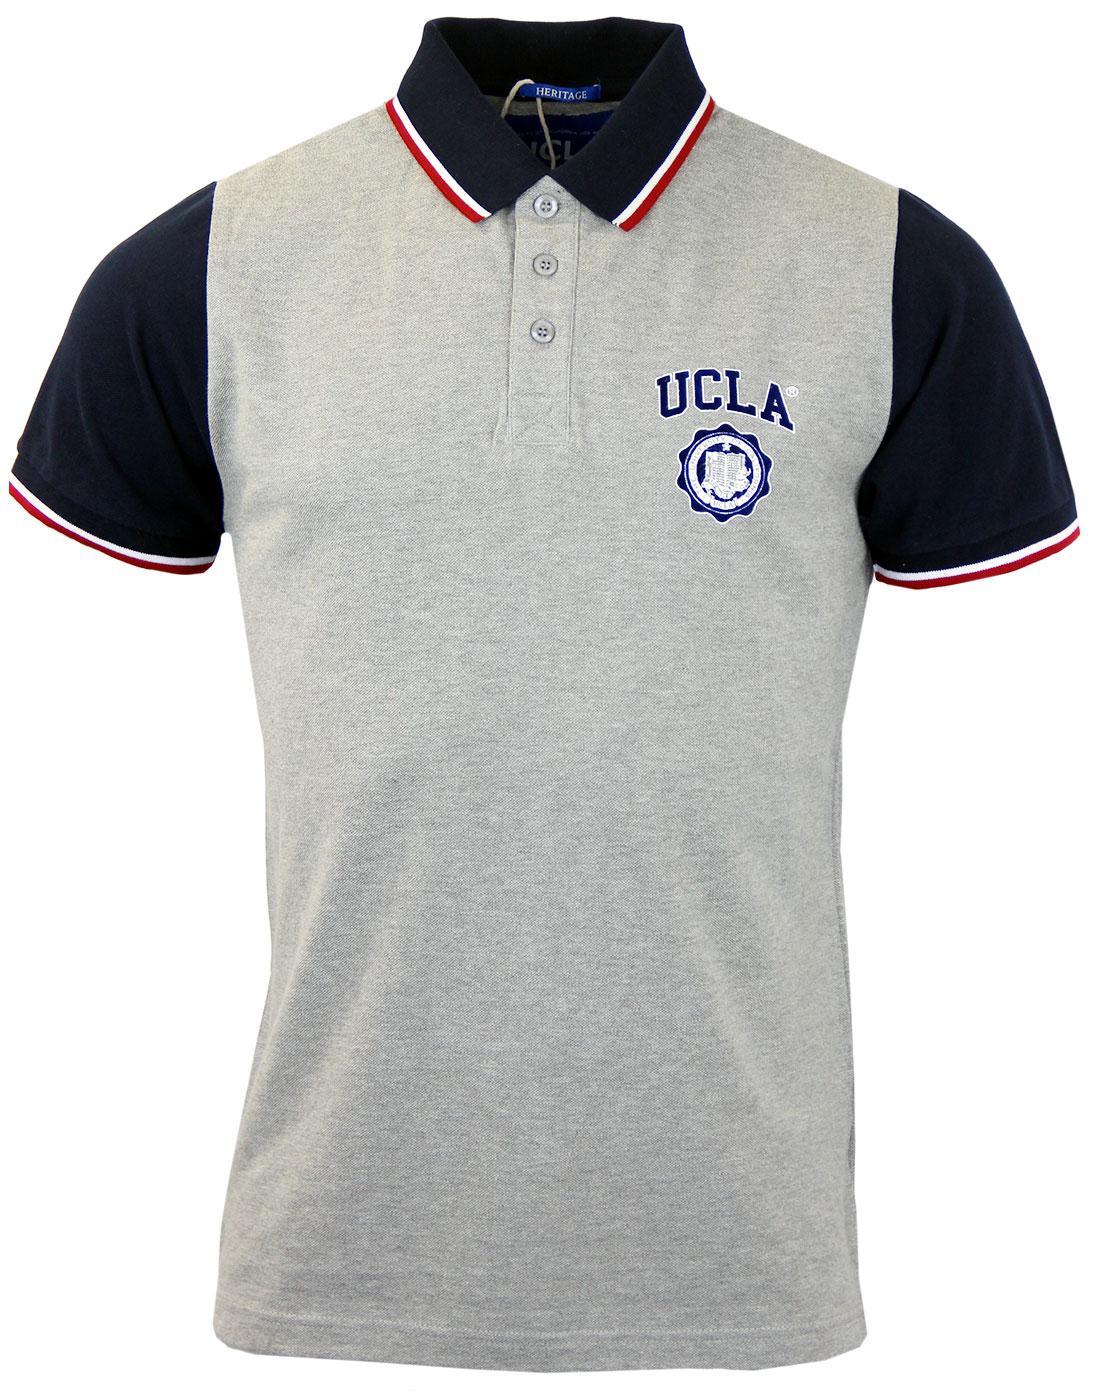 Galt UCLA Retro Contrast Collar Pique Polo Top (G)